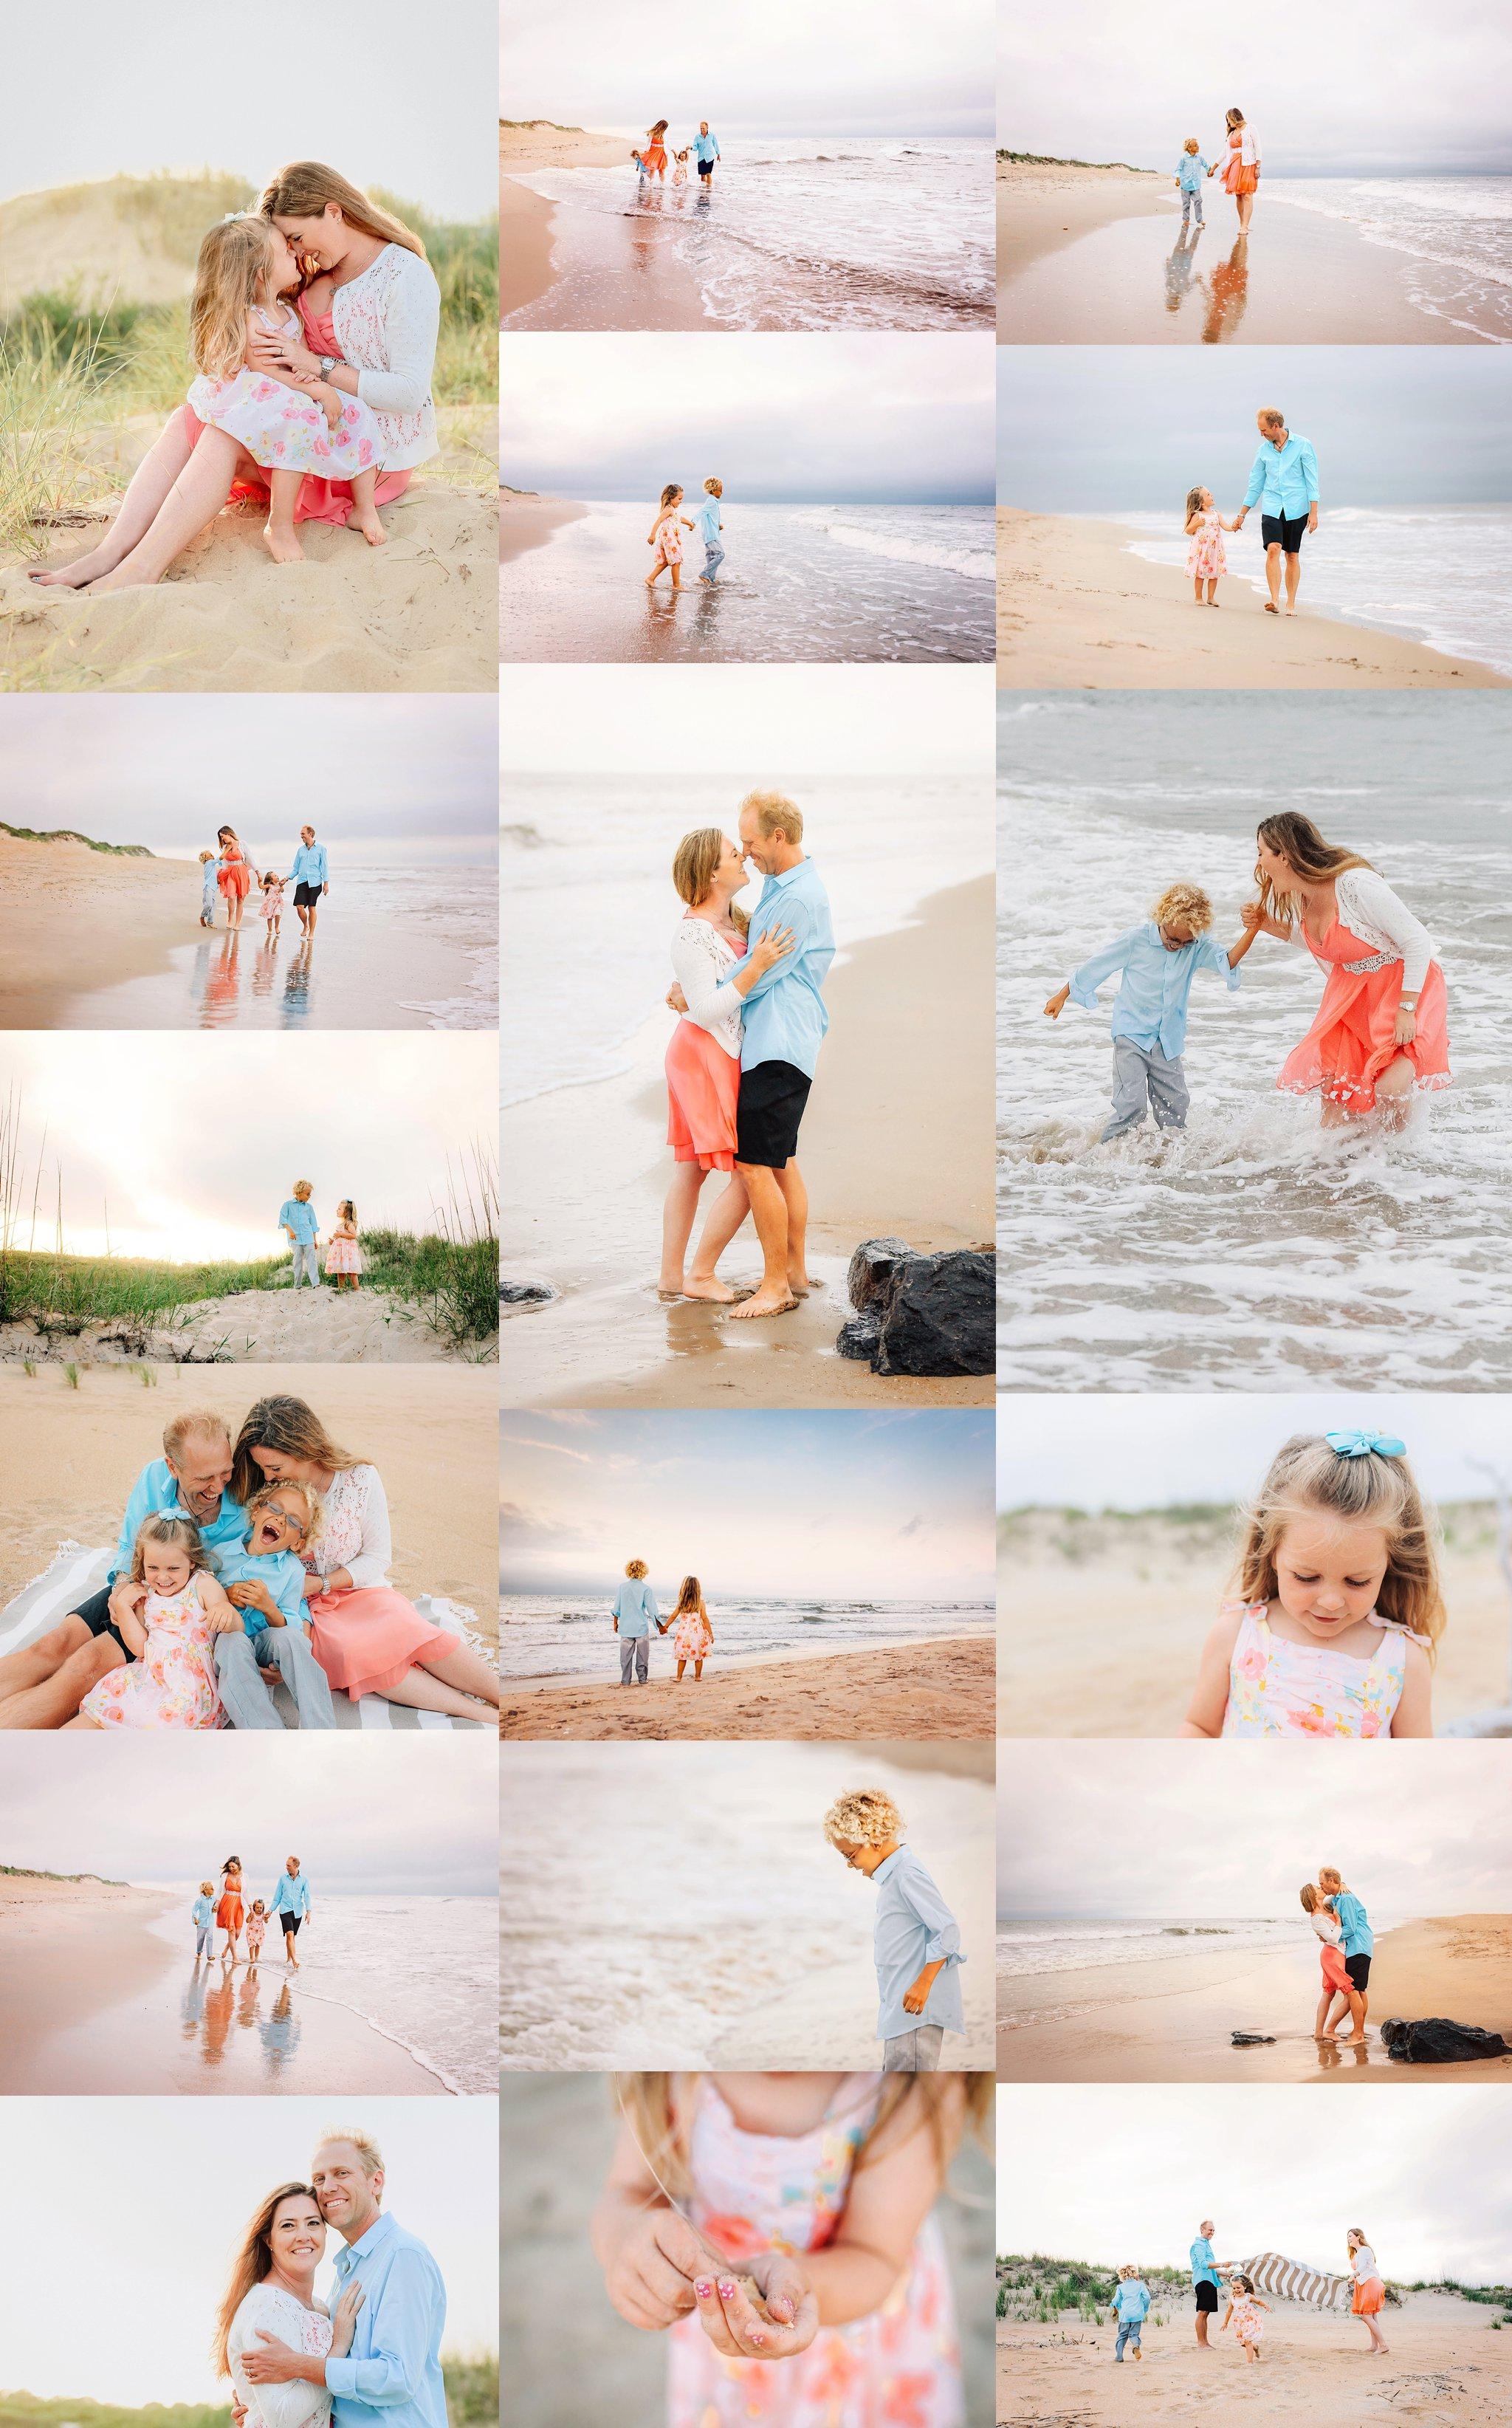 virginia-beach-sandbridge-family-photography-lifestyle-beach-session-inspiration-beach-photography-summer.jpg